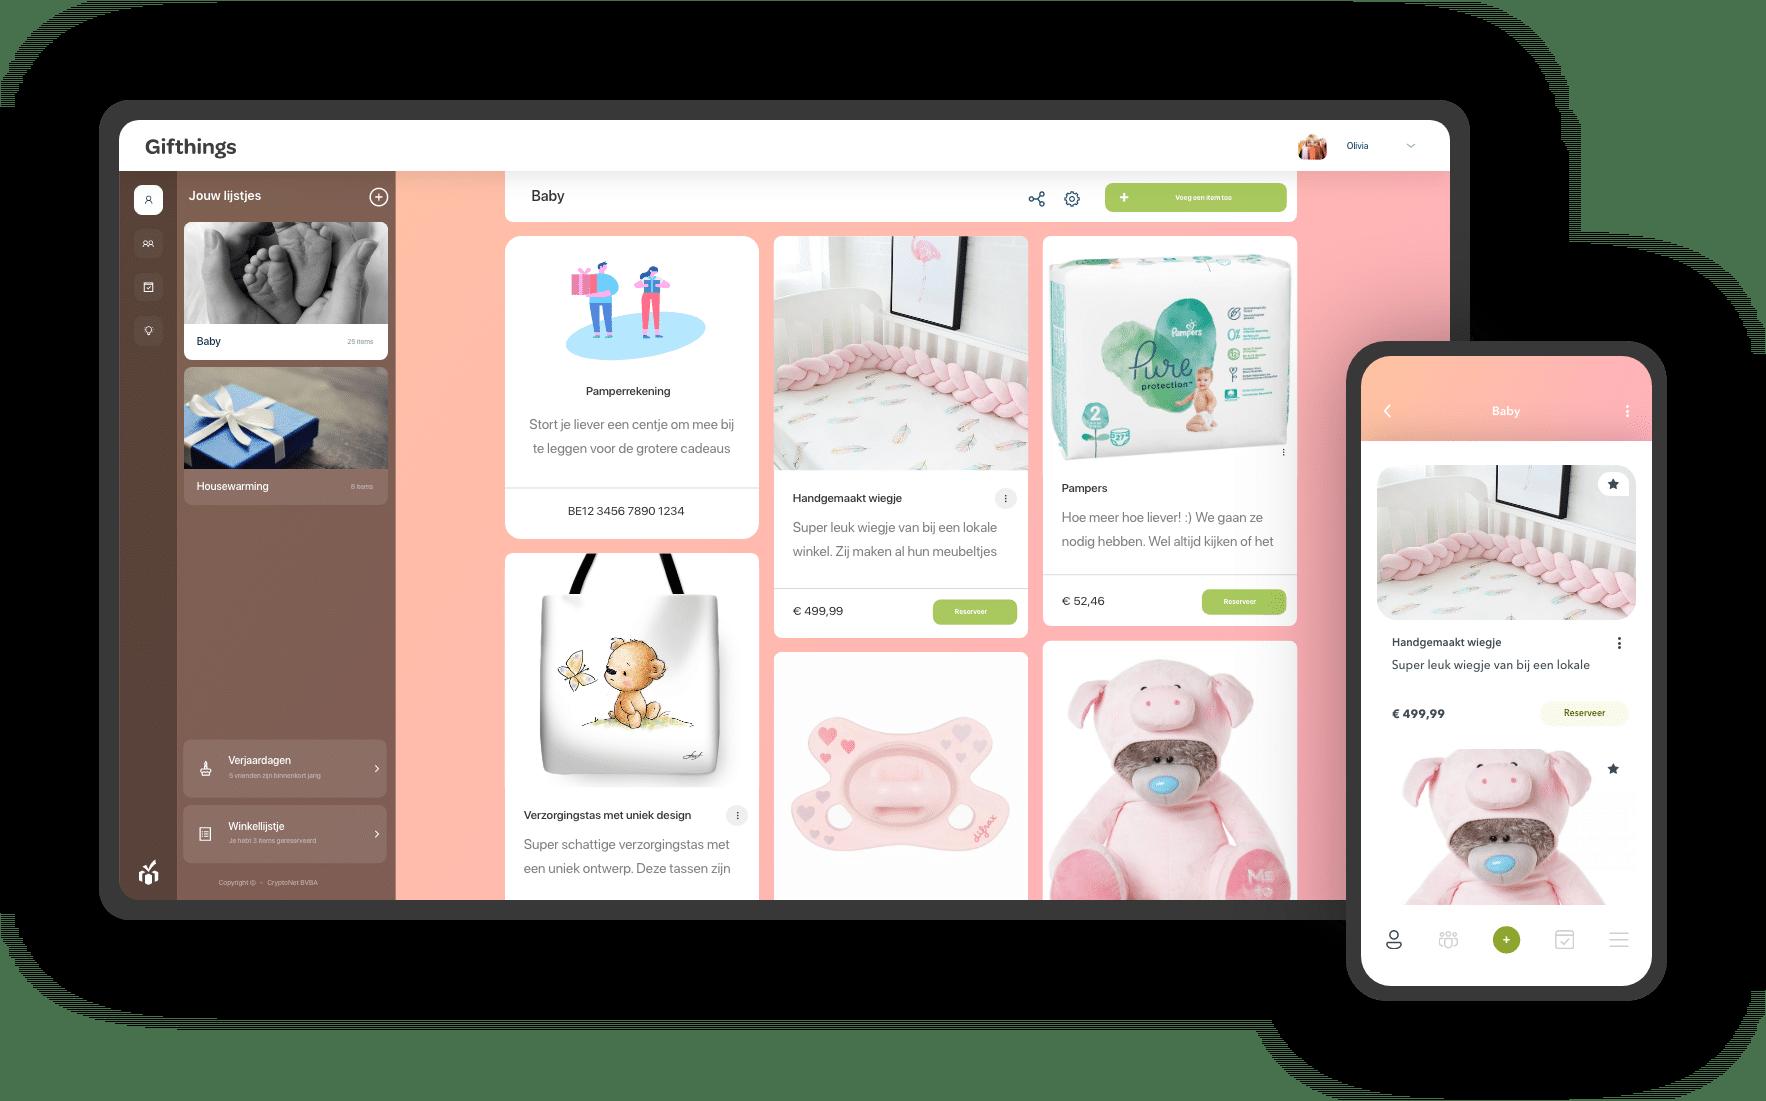 geboortelijst schermen mobiel desktop